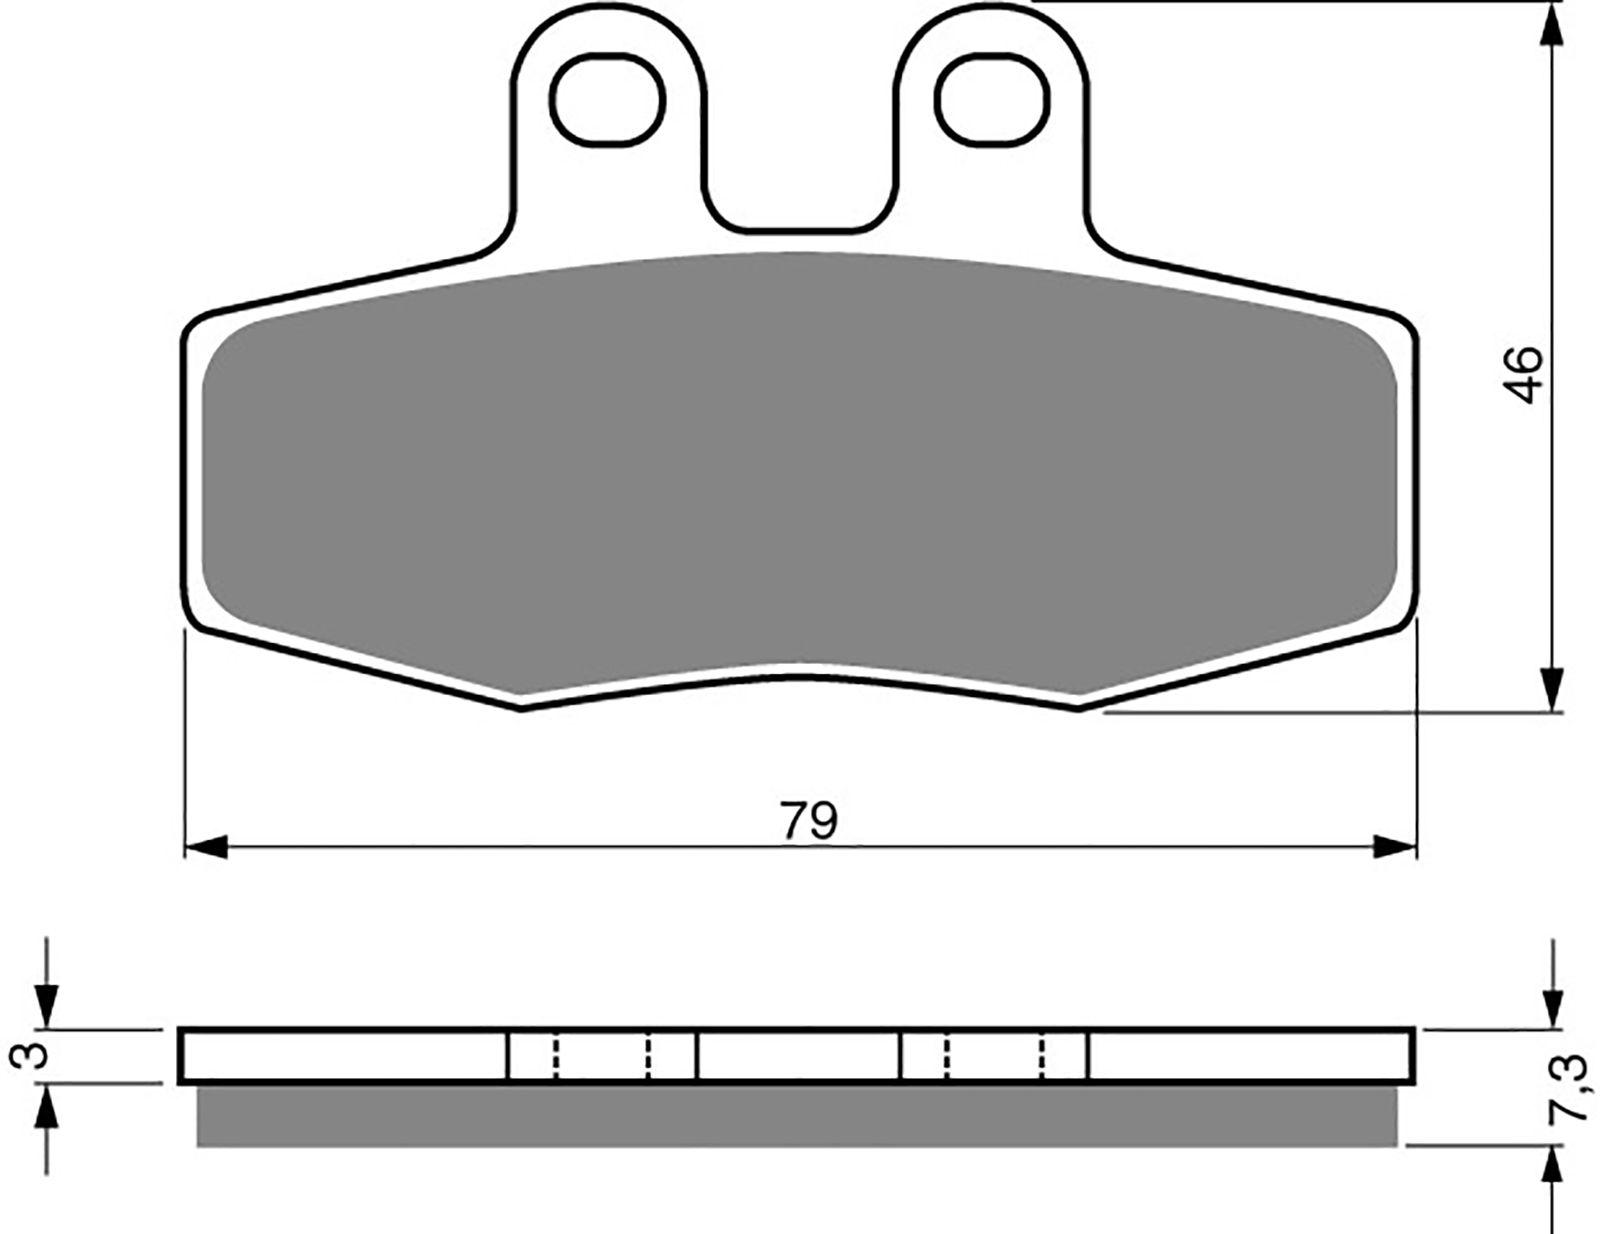 goldfren ad brake pads - 700010GA image